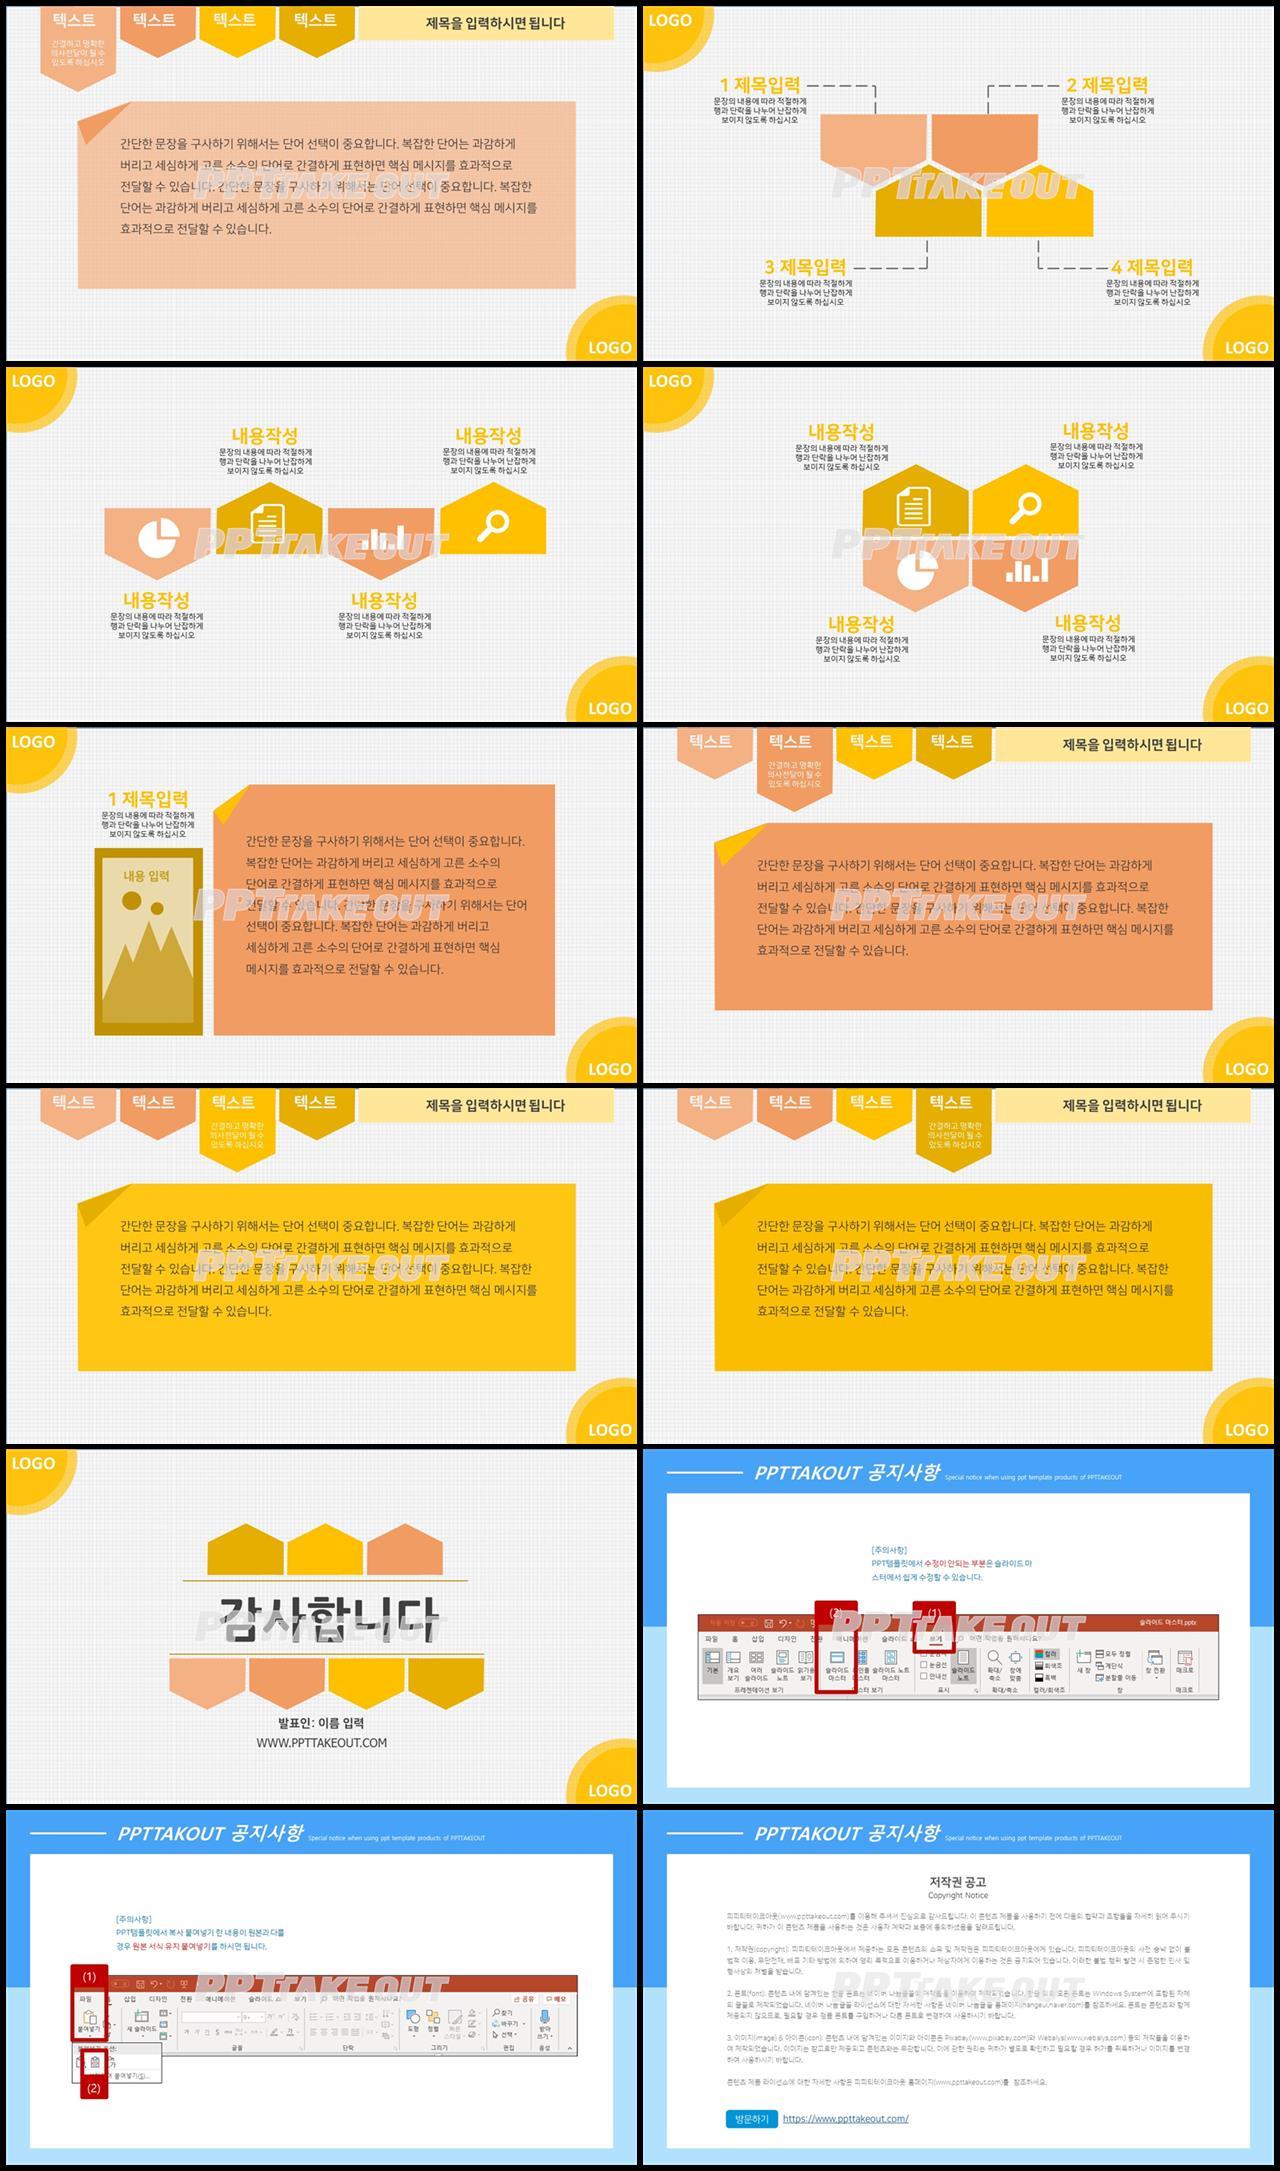 노랑색 단조로운 프로급 무료 파워포인트배경 사이트 상세보기